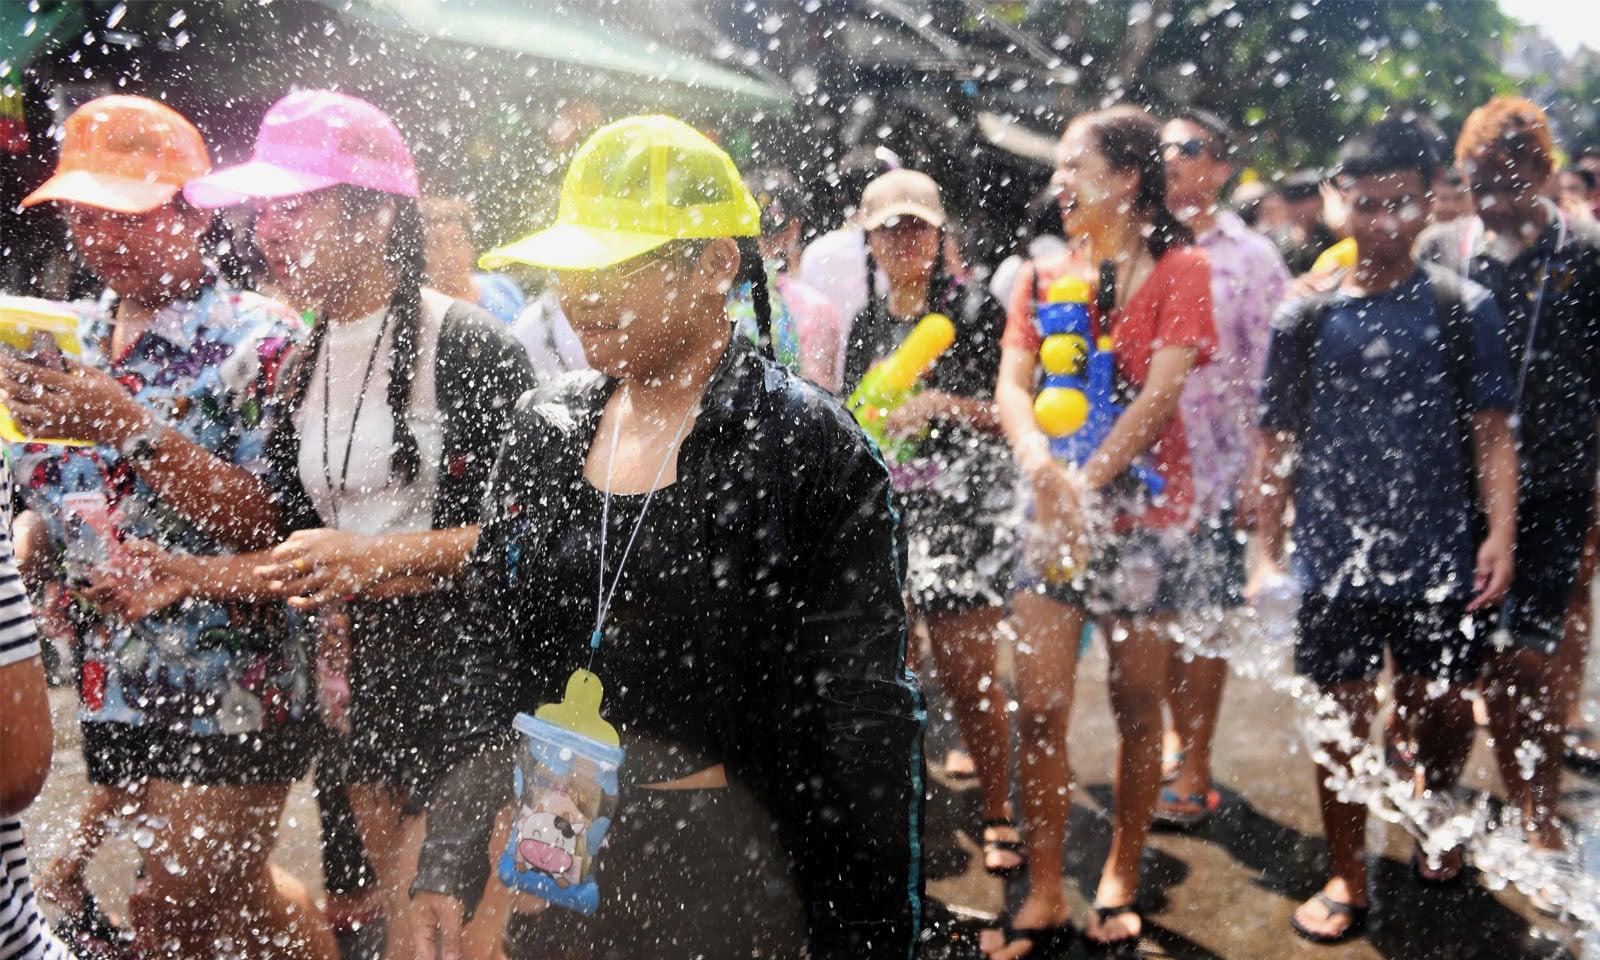 سونگ کران کی تقریب میں نوجوان بڑھ چڑھ کر حصہ لیتے ہیں—فوٹو: اے ایف پی